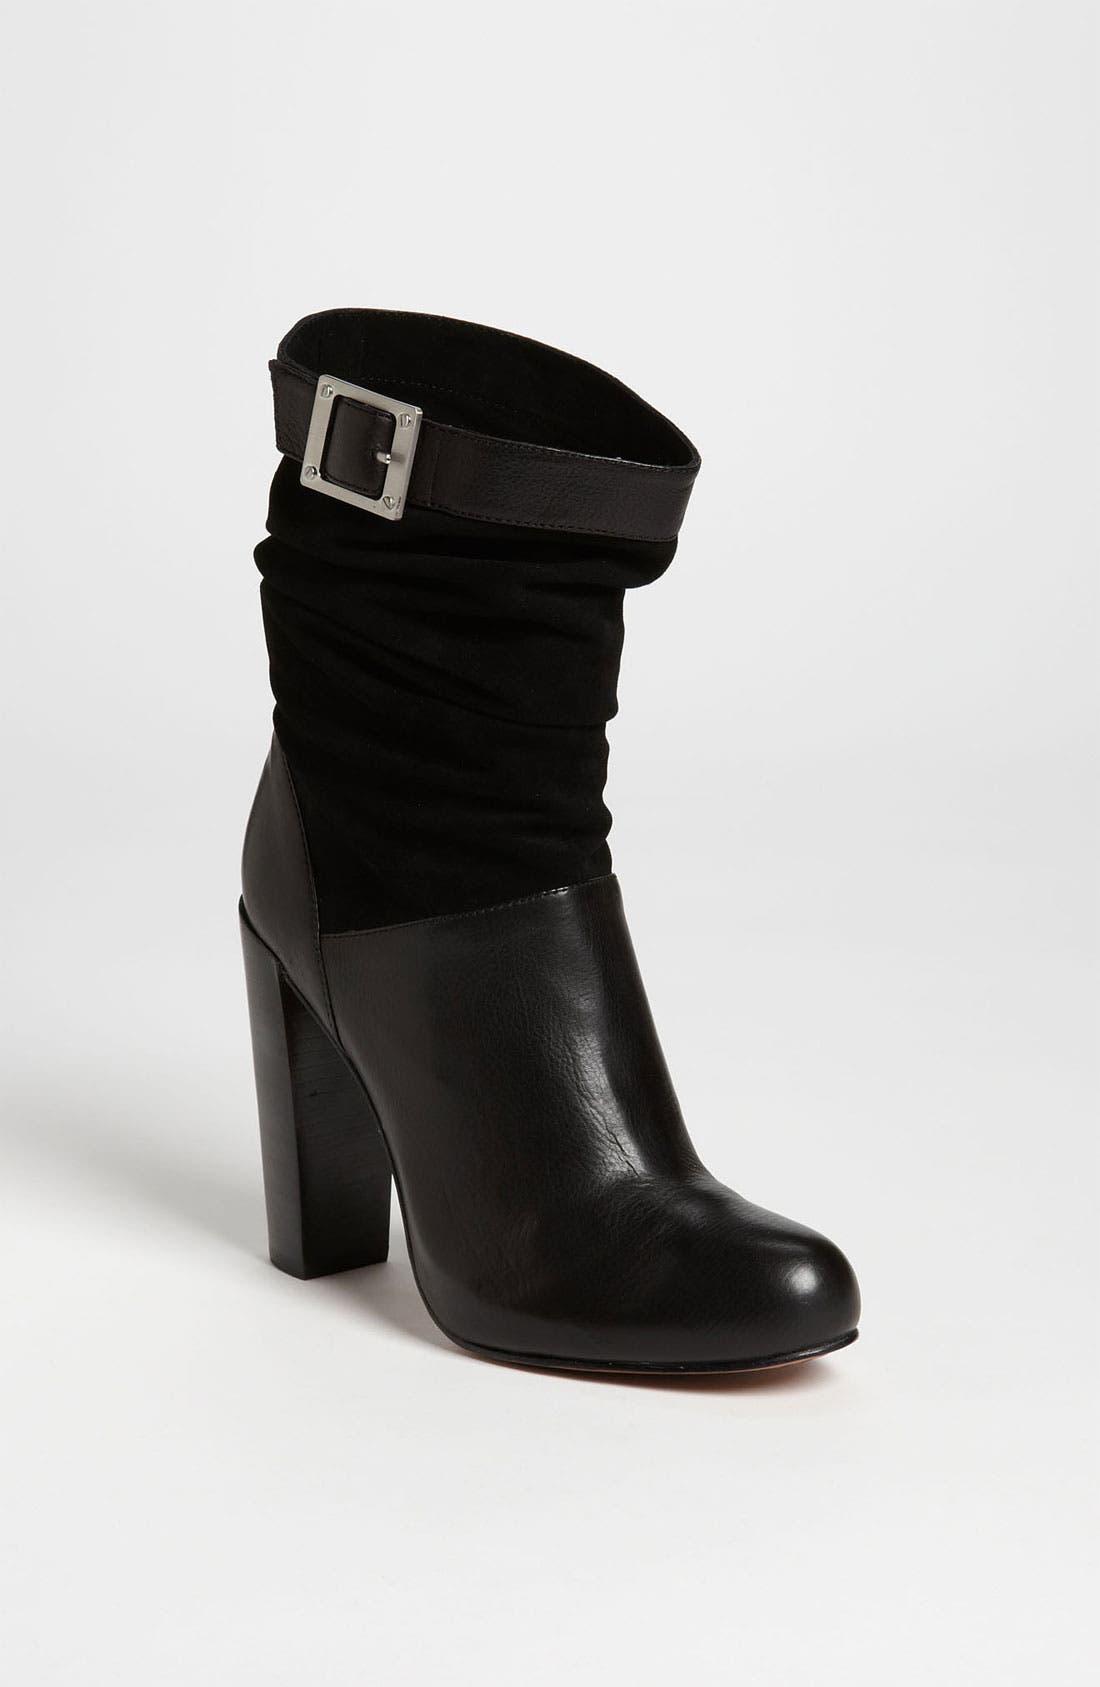 Alternate Image 1 Selected - Rachel Zoe 'Claudia' Boot (Nordstrom Exclusive)